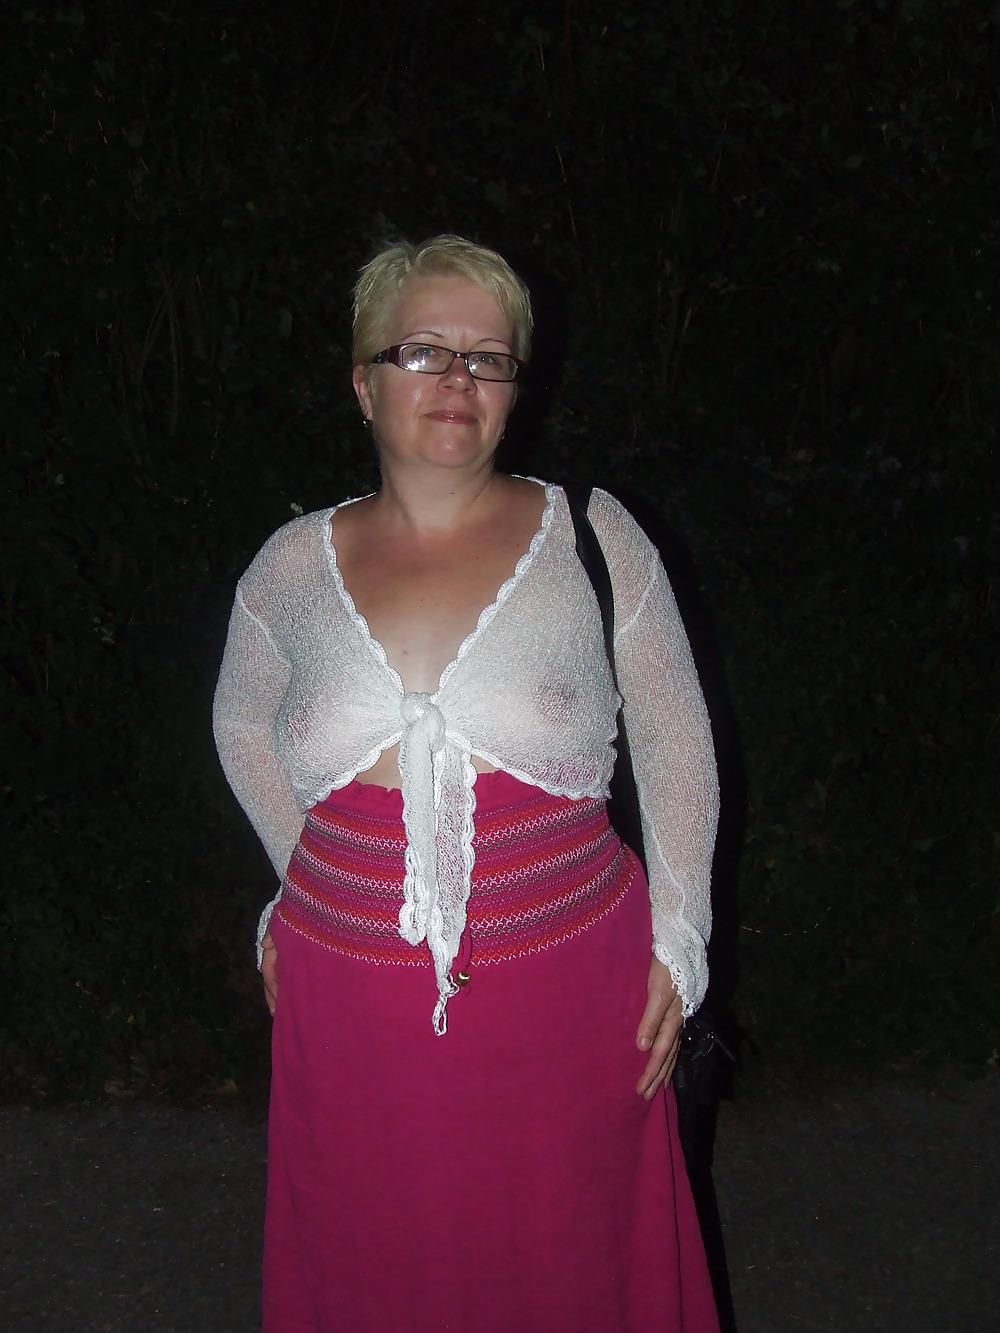 Geile sex date met rijpe 58-jarige vrouw uit Drenthe